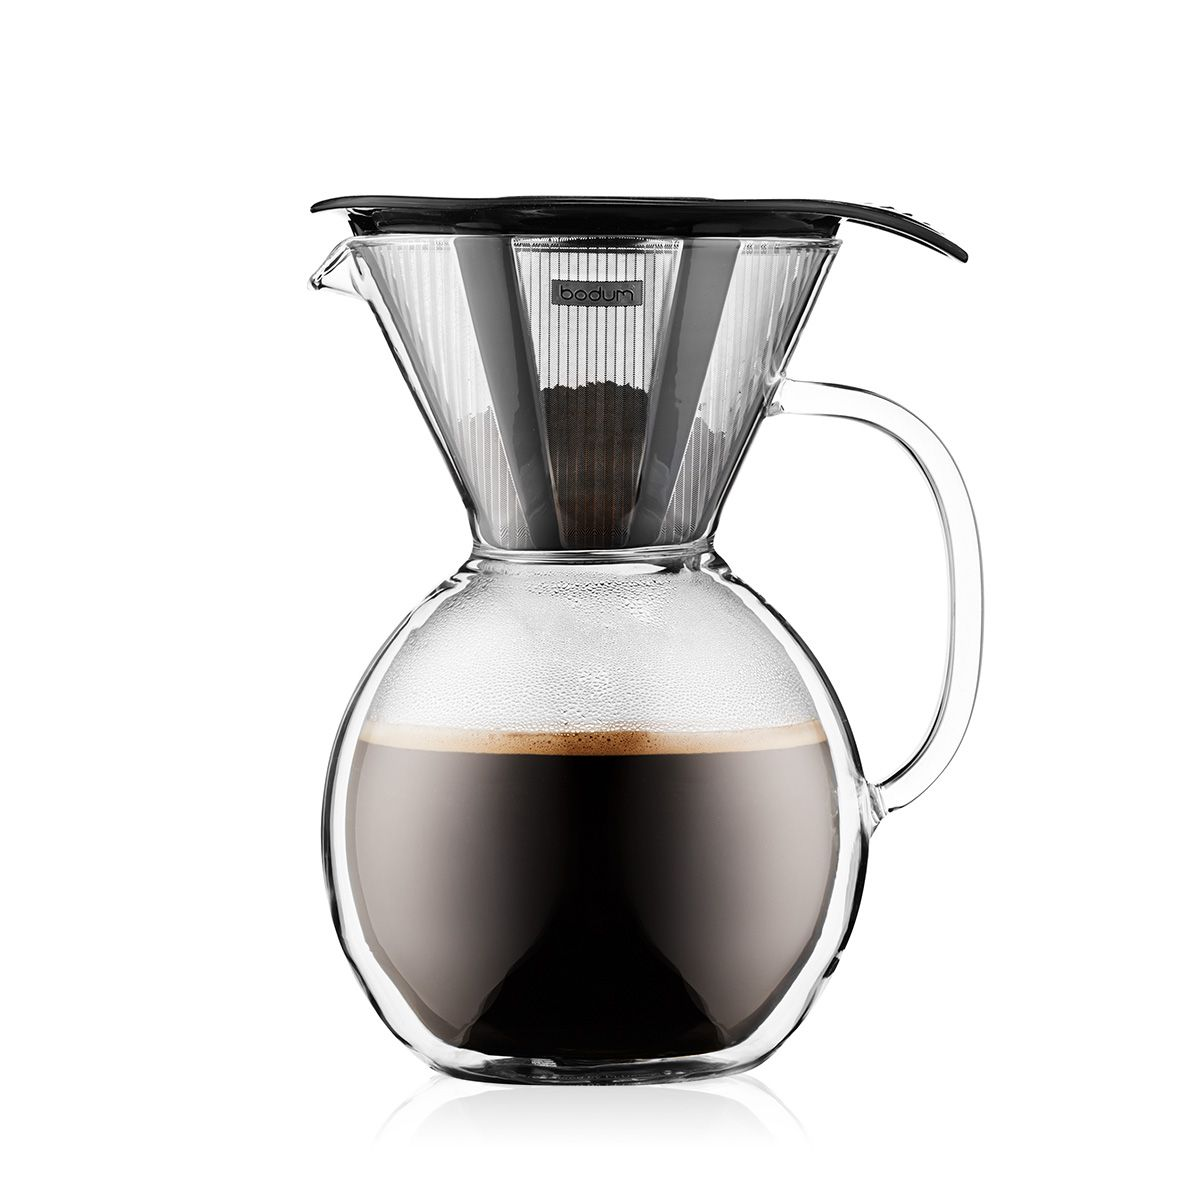 pour over coffee maker Bodum